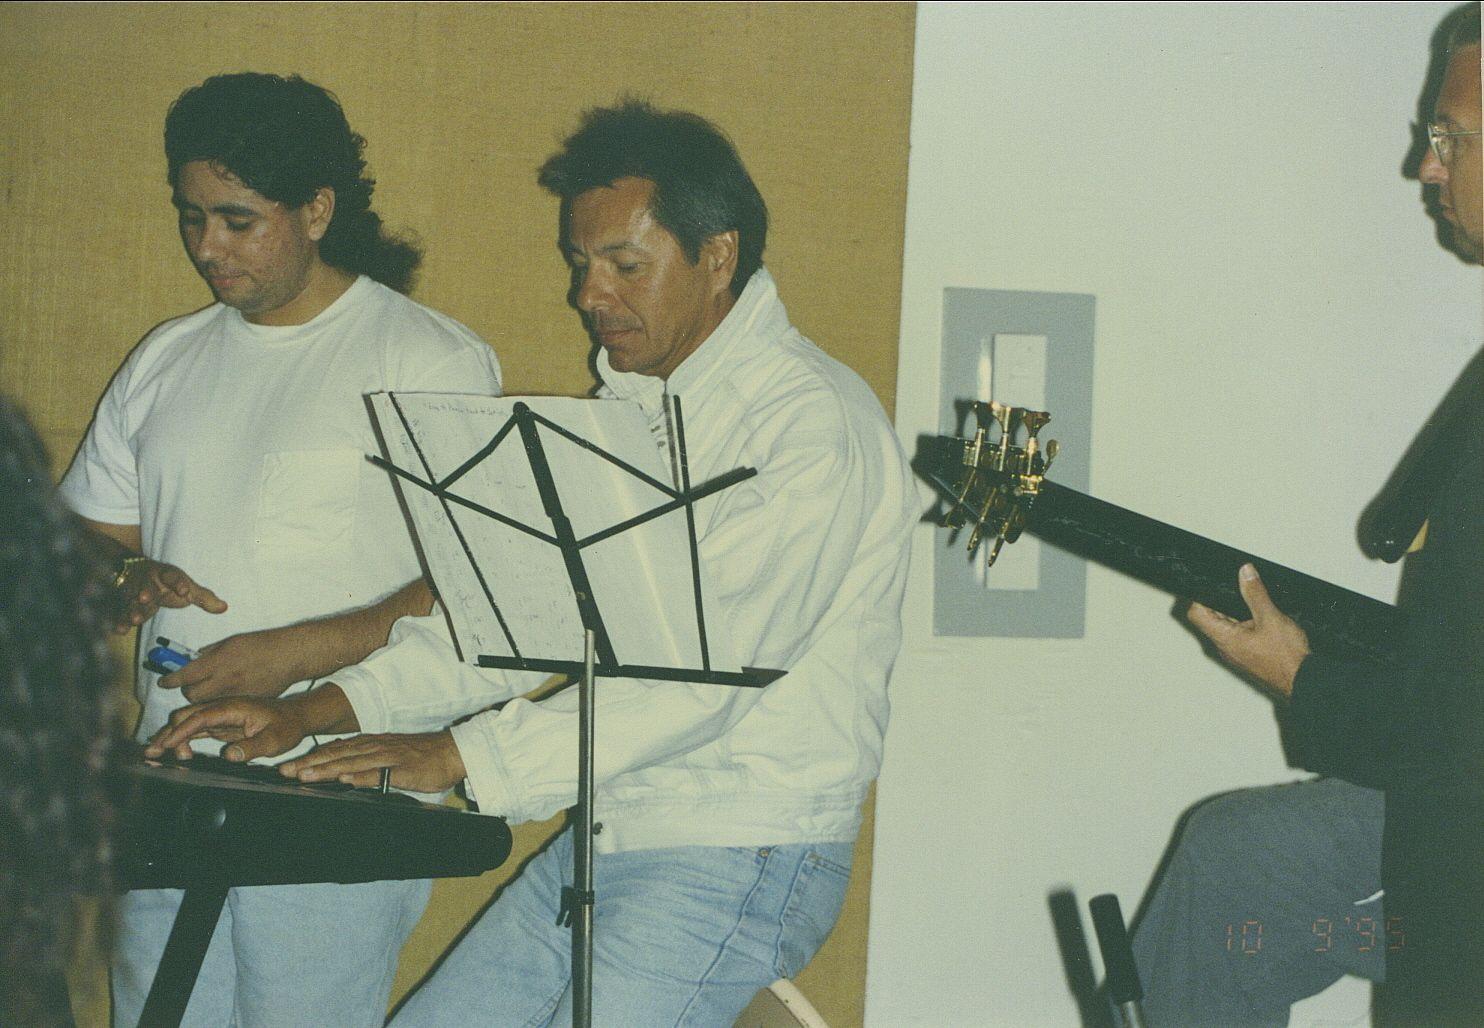 Don Luna Musical director Kim Gile Band